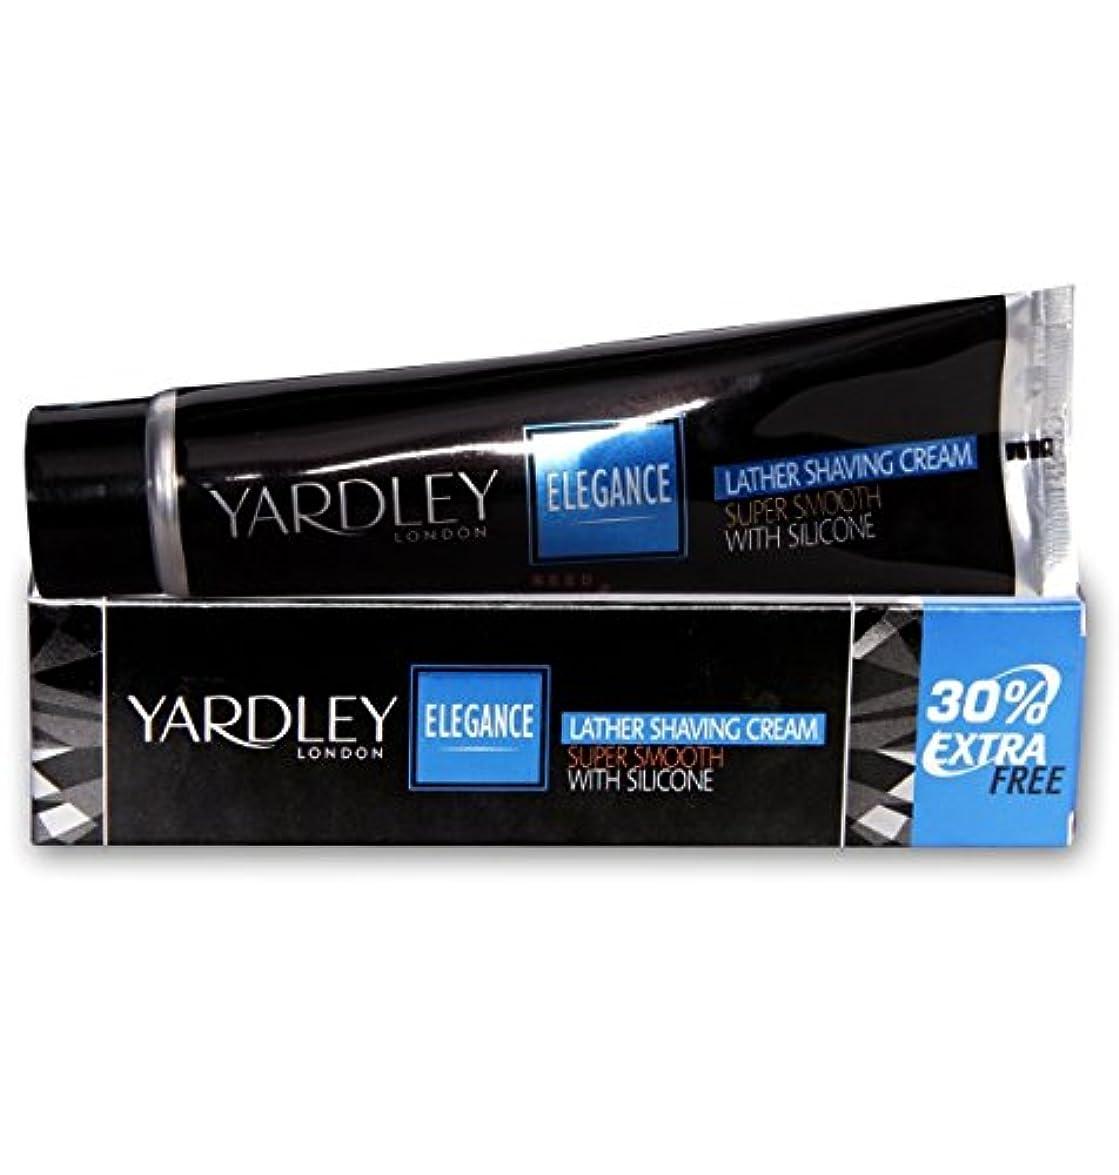 異邦人図書館発疹yardley london elegance lather shaving cream 70 gm